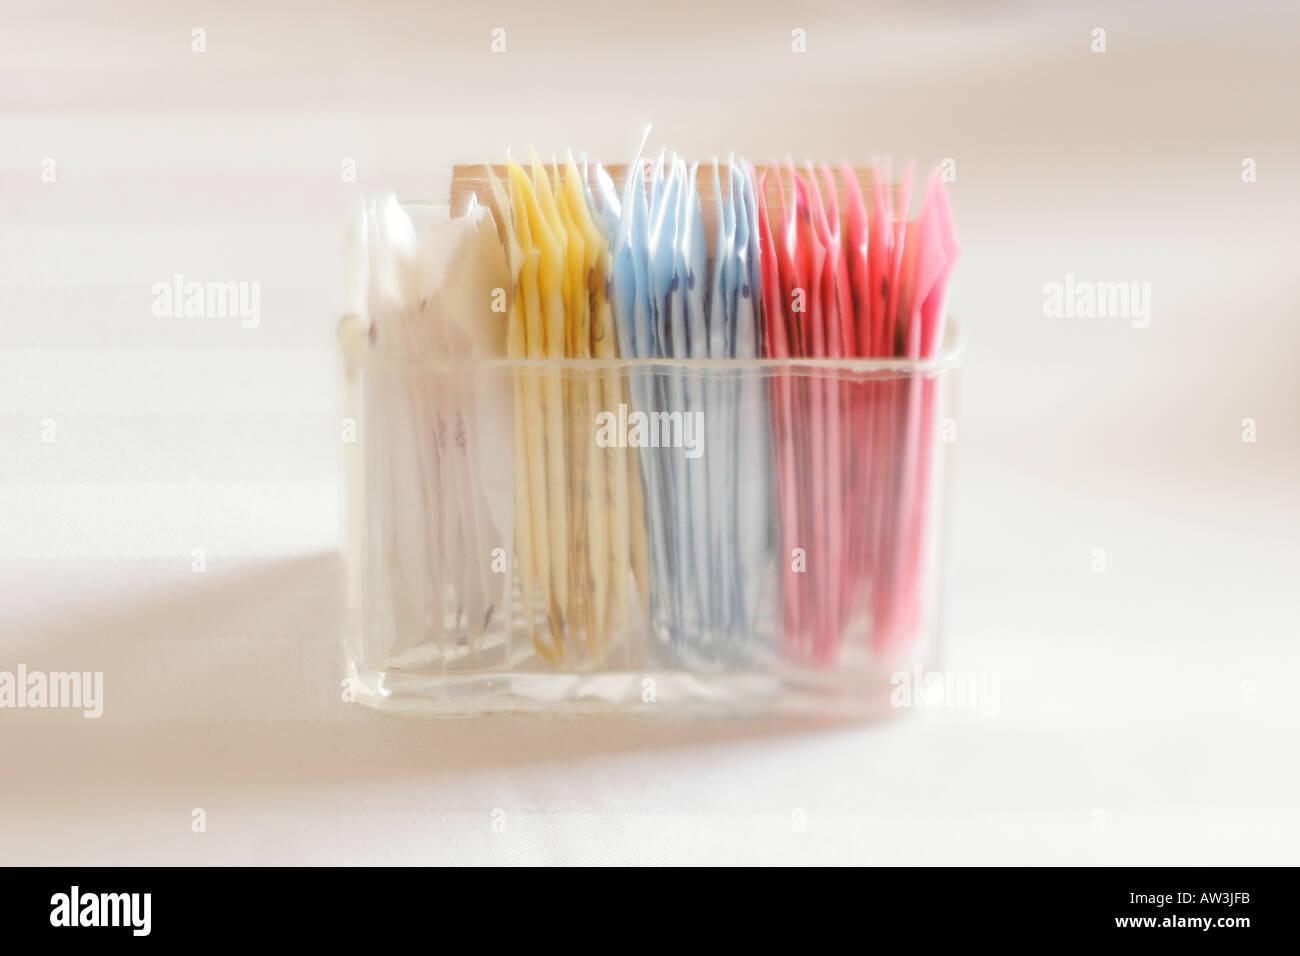 Les paquets de sucre et d'édulcorant artificiel dans des contenants de verre Photo Stock